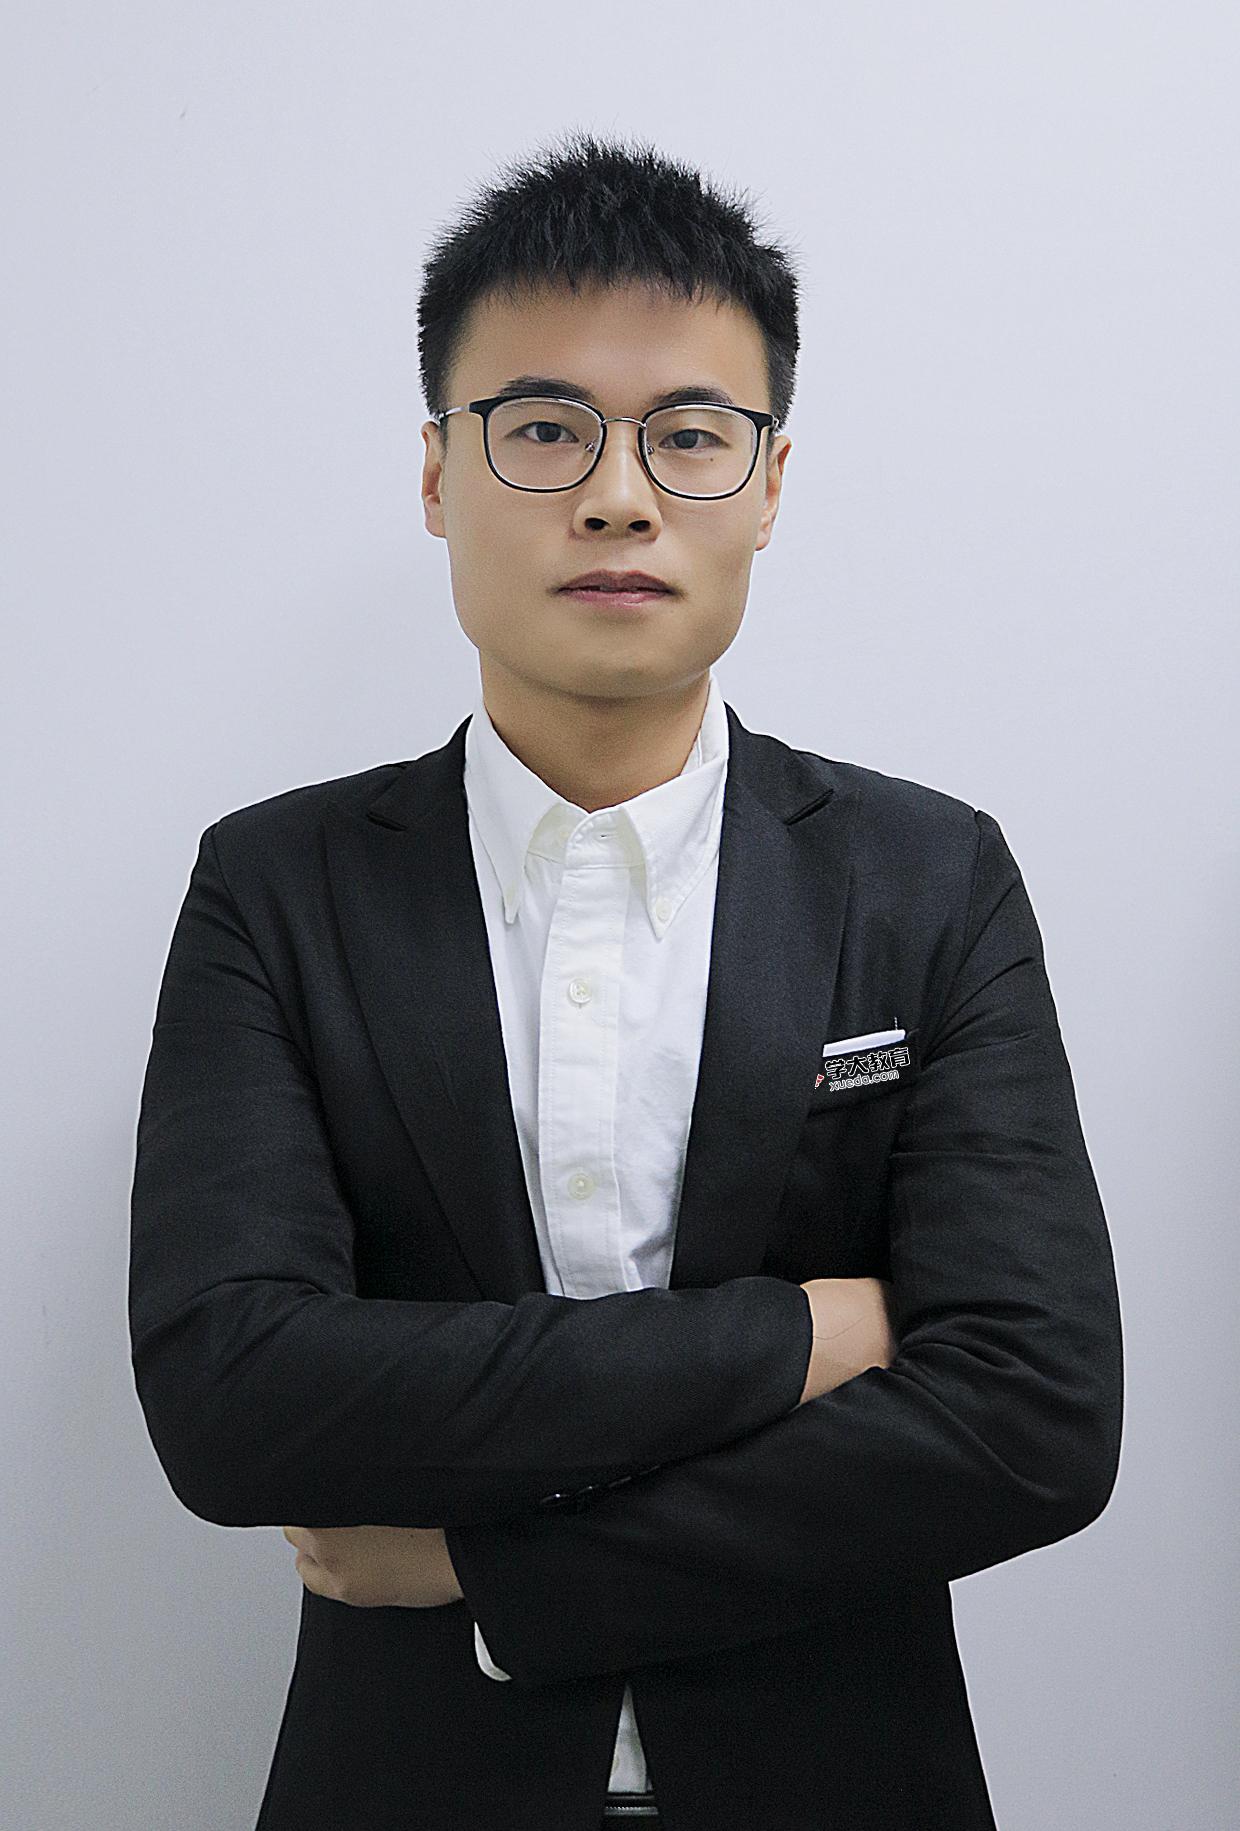 学大教育教师周王冕